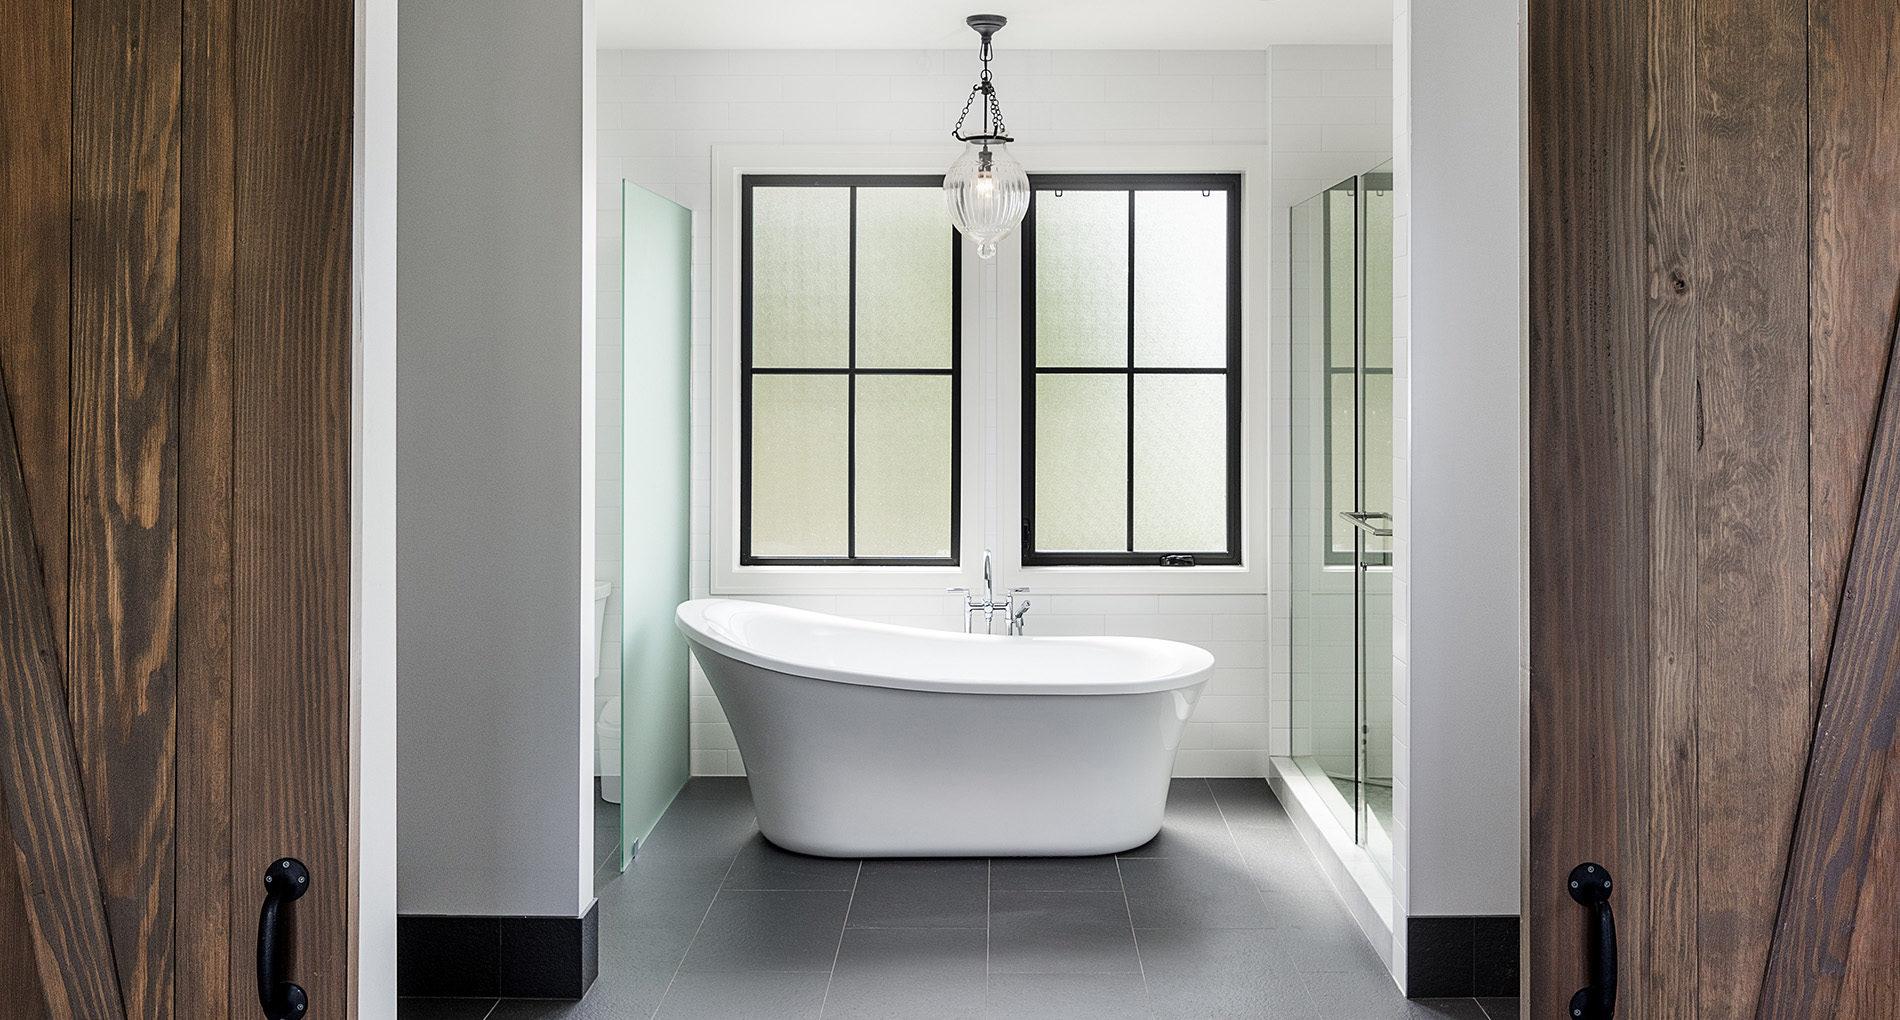 Bathroom Renovation Delta Adamsroad Slider